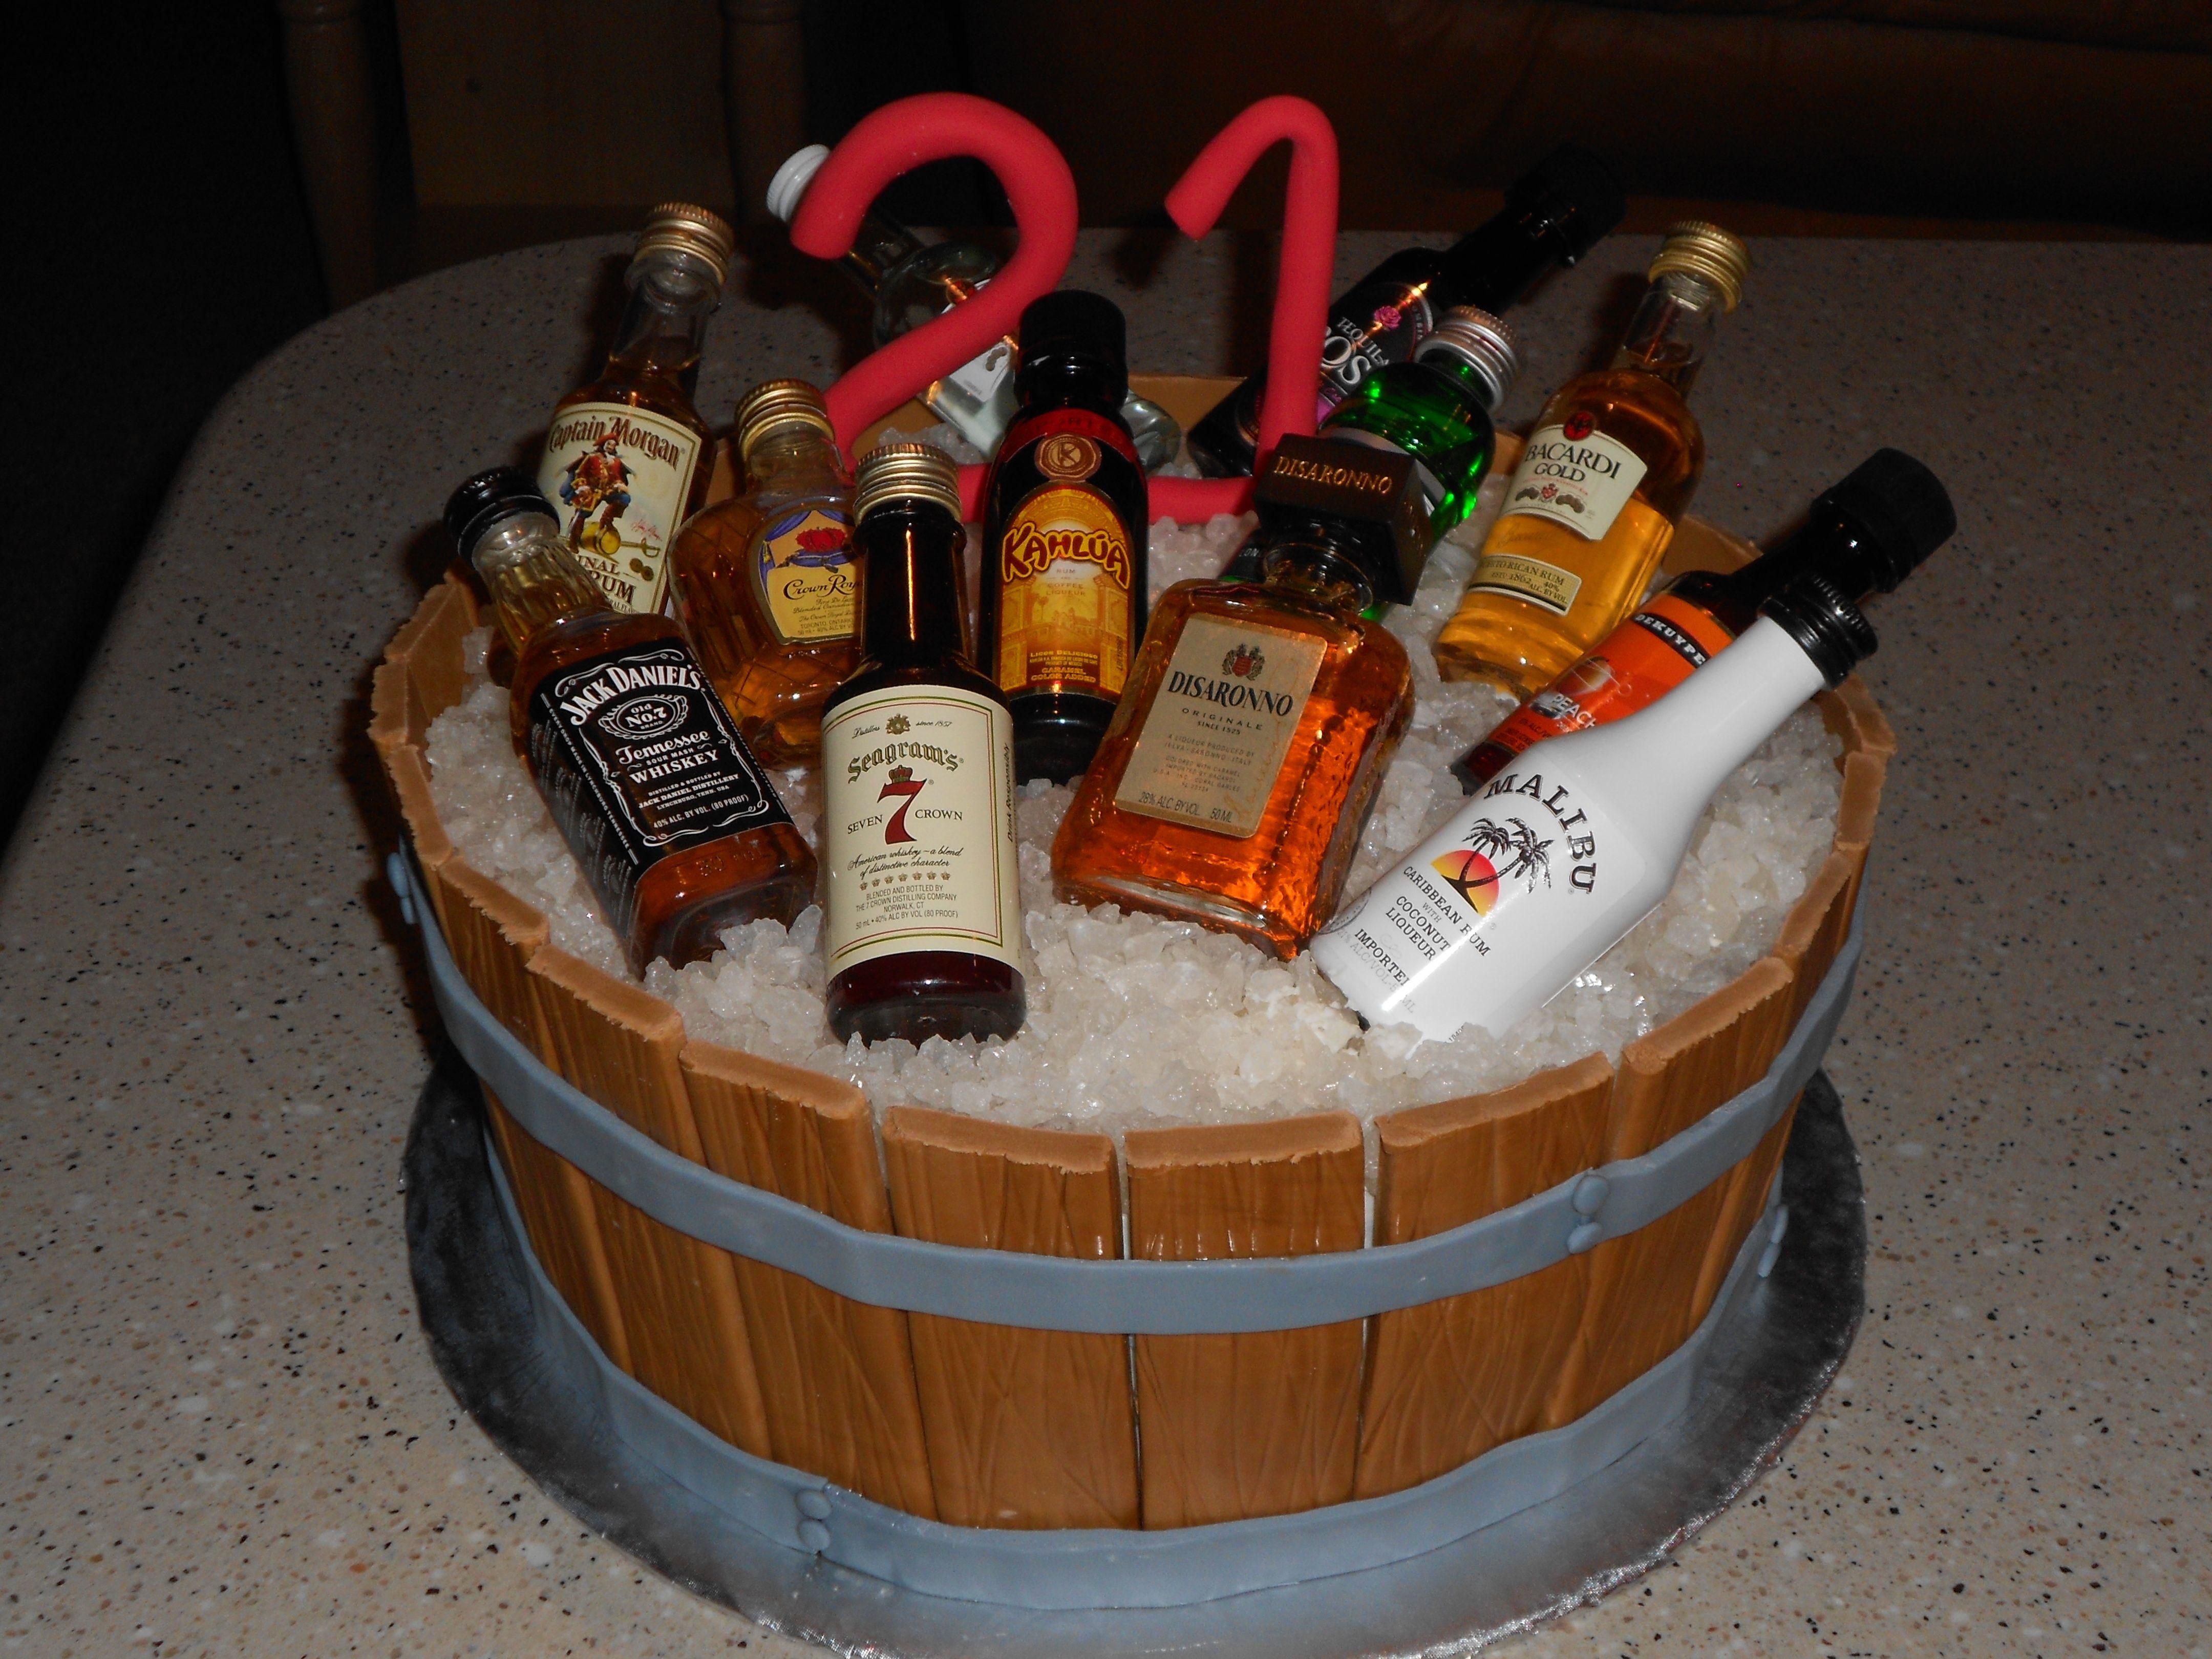 Barrel 21st Birthday Cake 21st Birthday Cakes 21st Birthday Cake For Guys Alcohol Birthday Cake